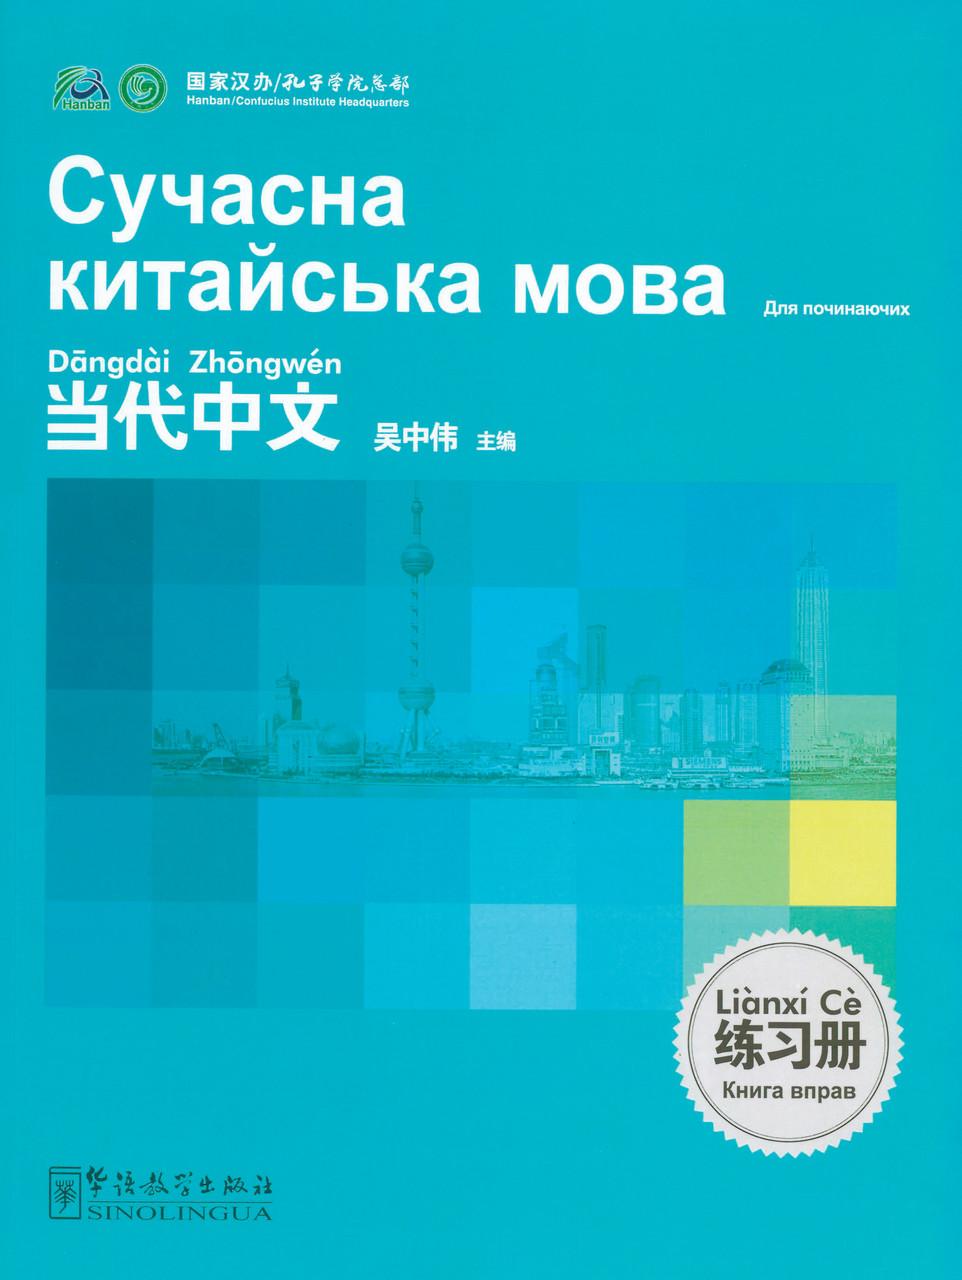 Книга вправ з китайської мови Сучасна китайська мова для починаючих